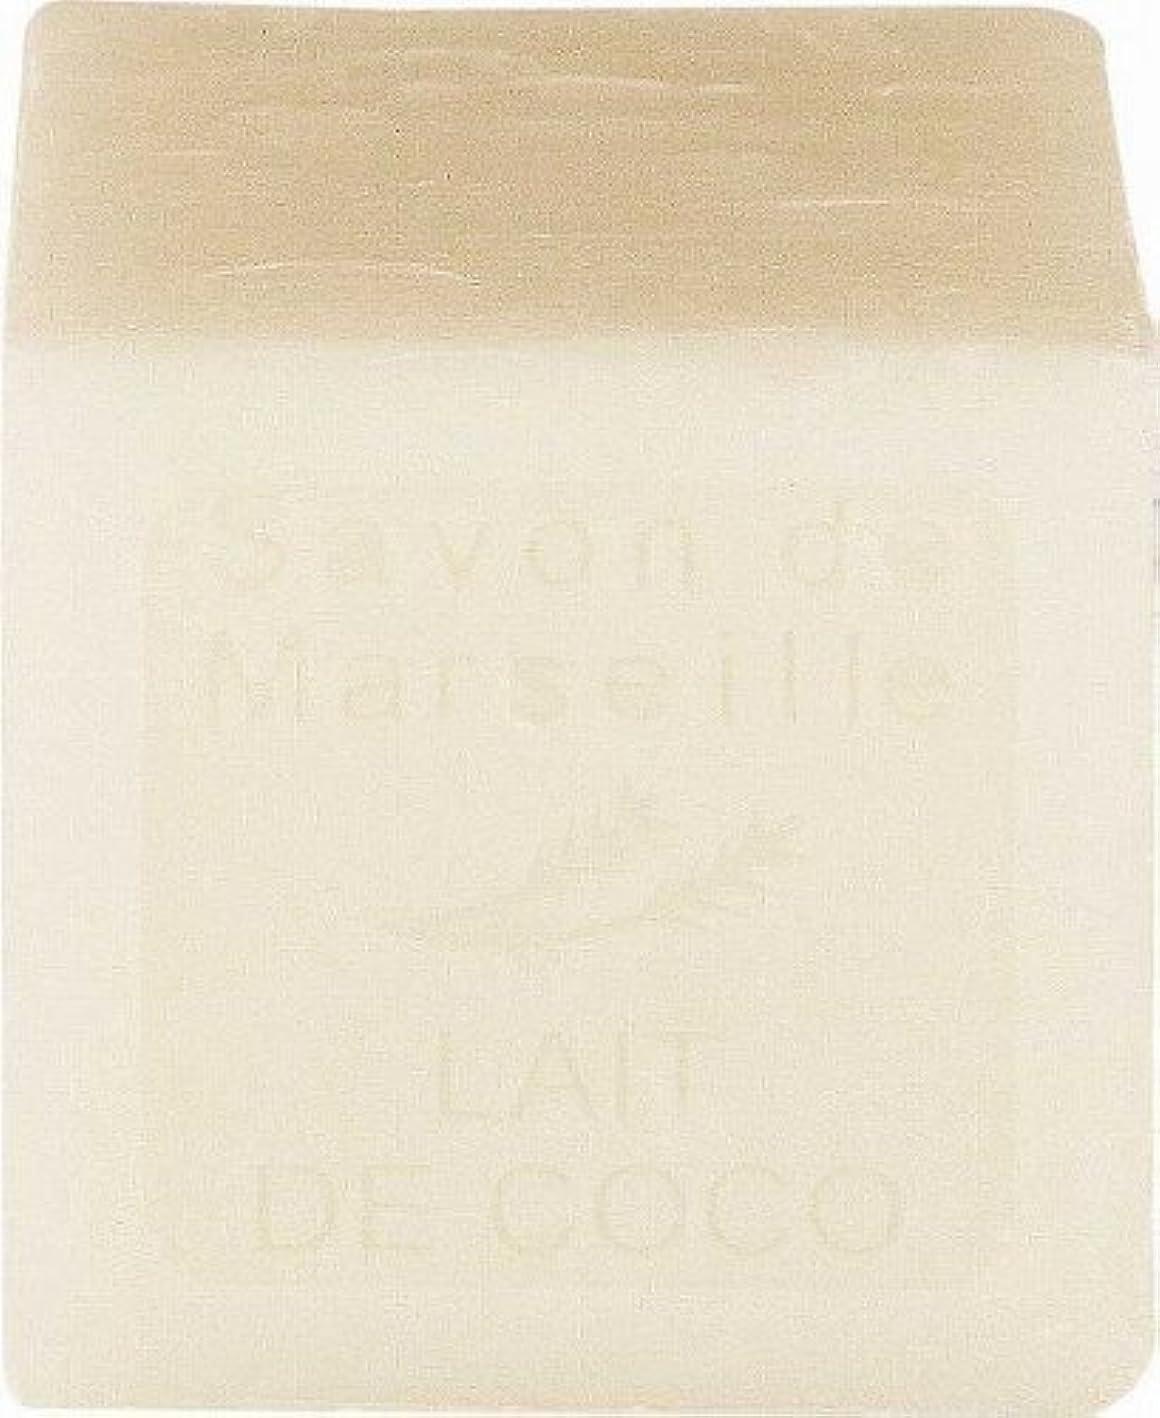 仕える重要性ねばねばル?シャトゥラール キューブソープ 100g ココナッツミルク CUBE100